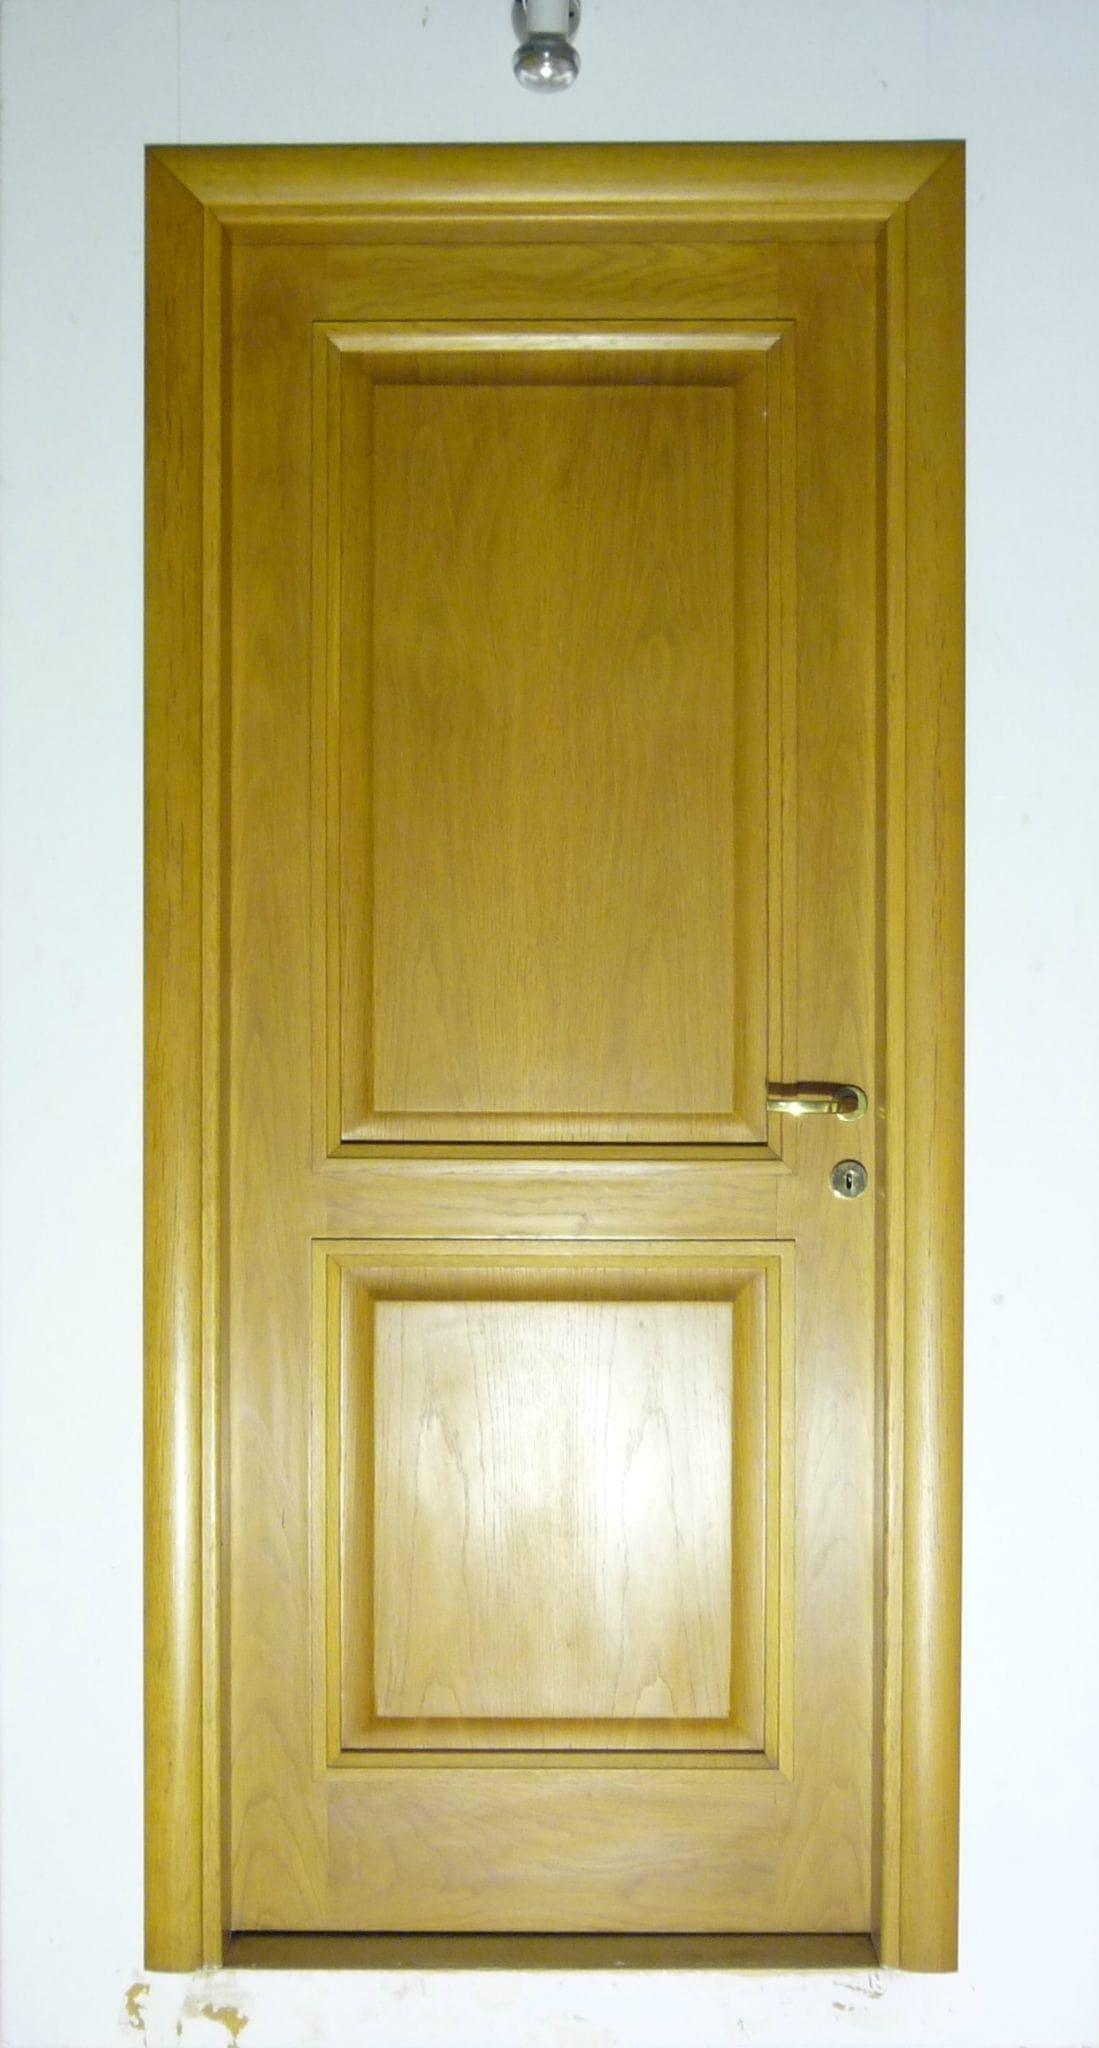 πόρτα ημιμασίφ